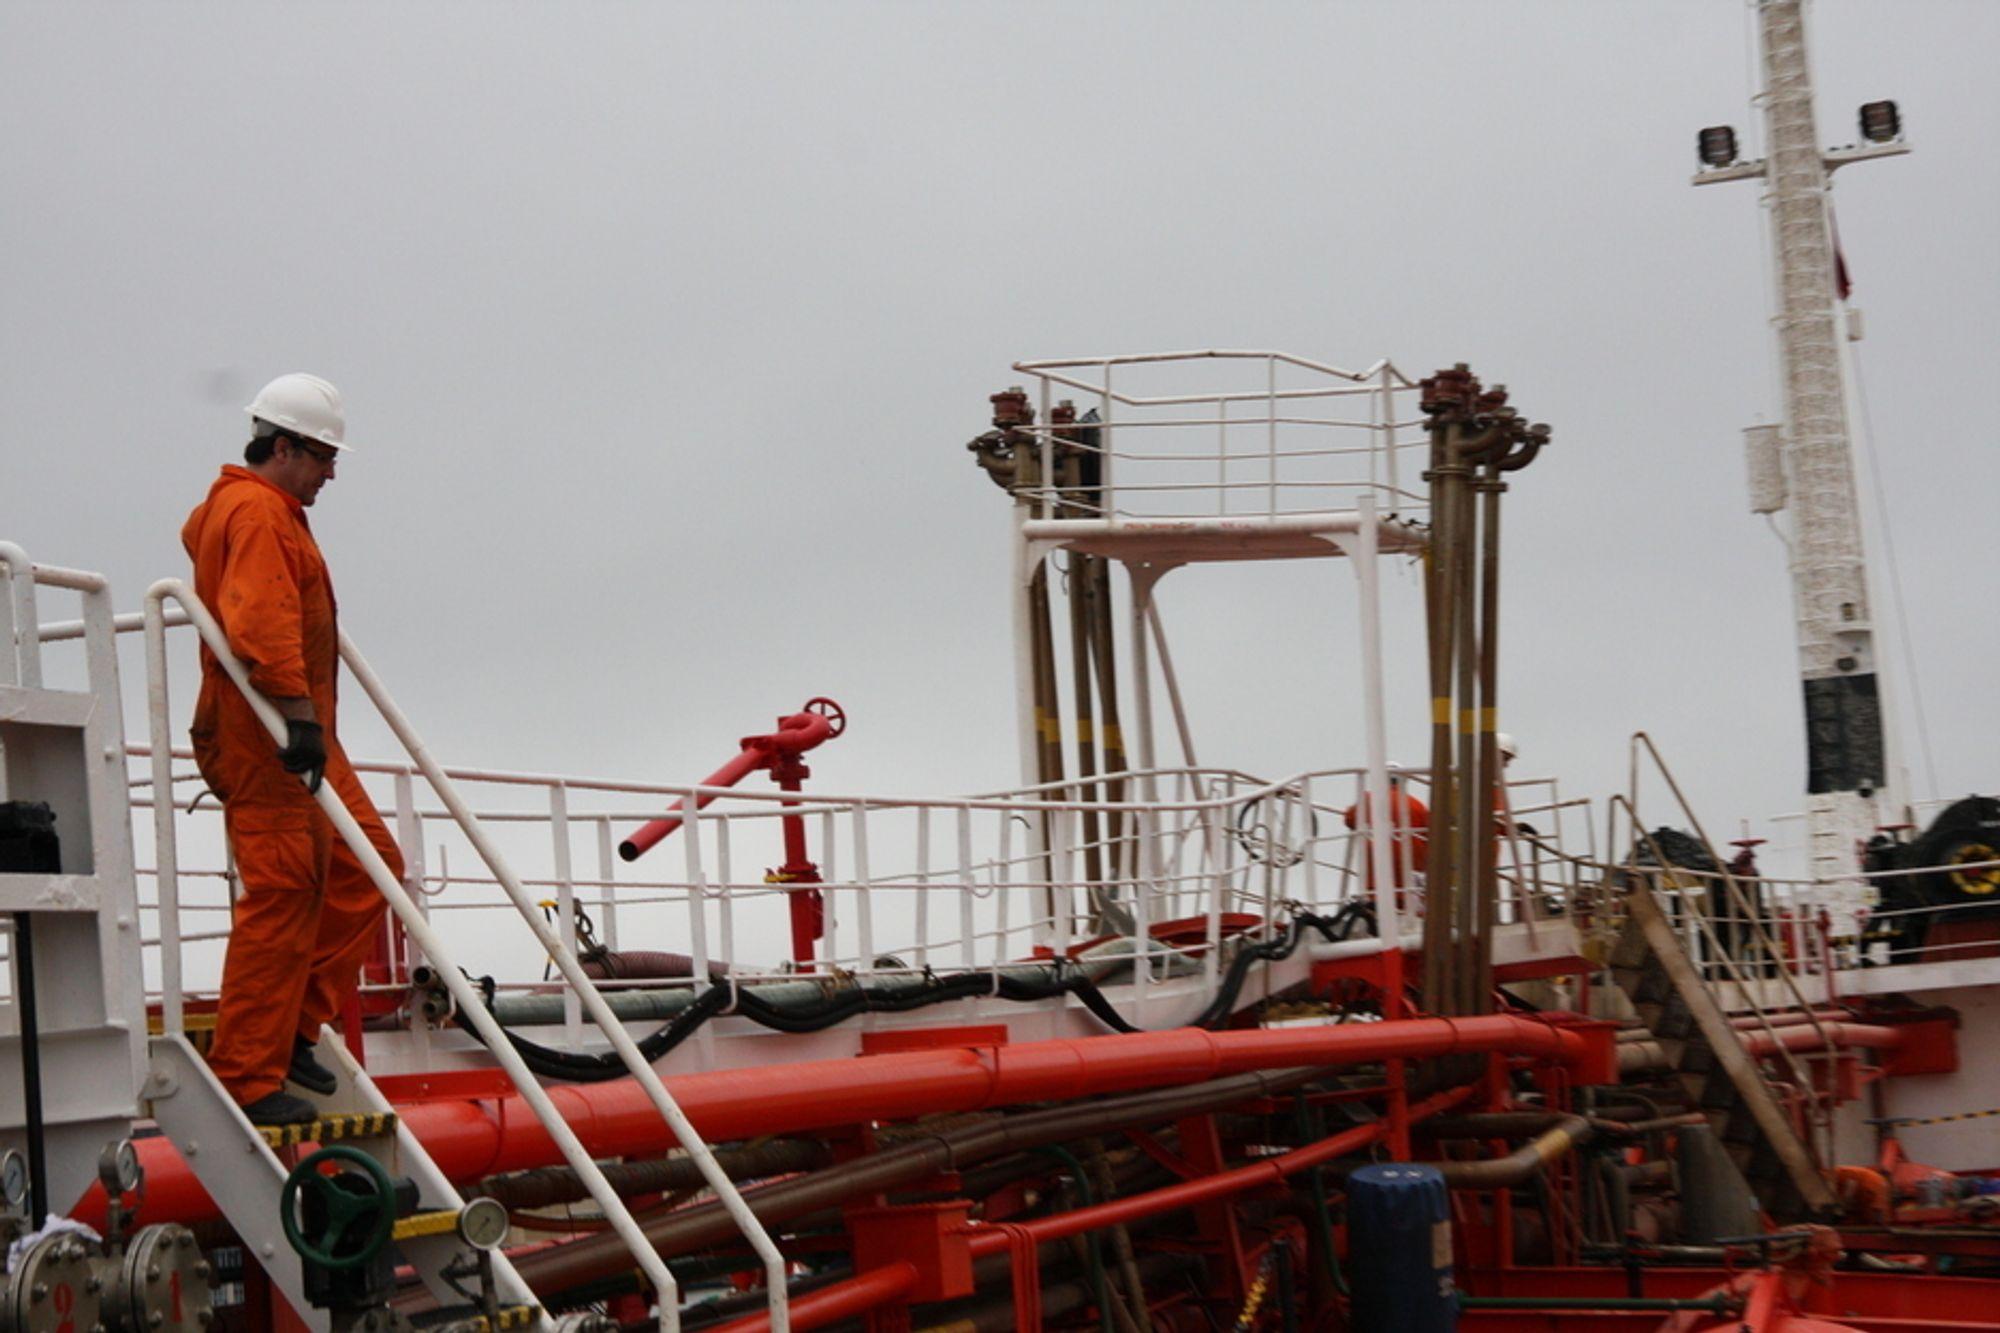 Tett: Skipet Mar Cristina fikk 30. august 2011 eksplosjon i en tank rett før det skulle ta om bord oljeholdig vann fra en av Oleon-tankene.